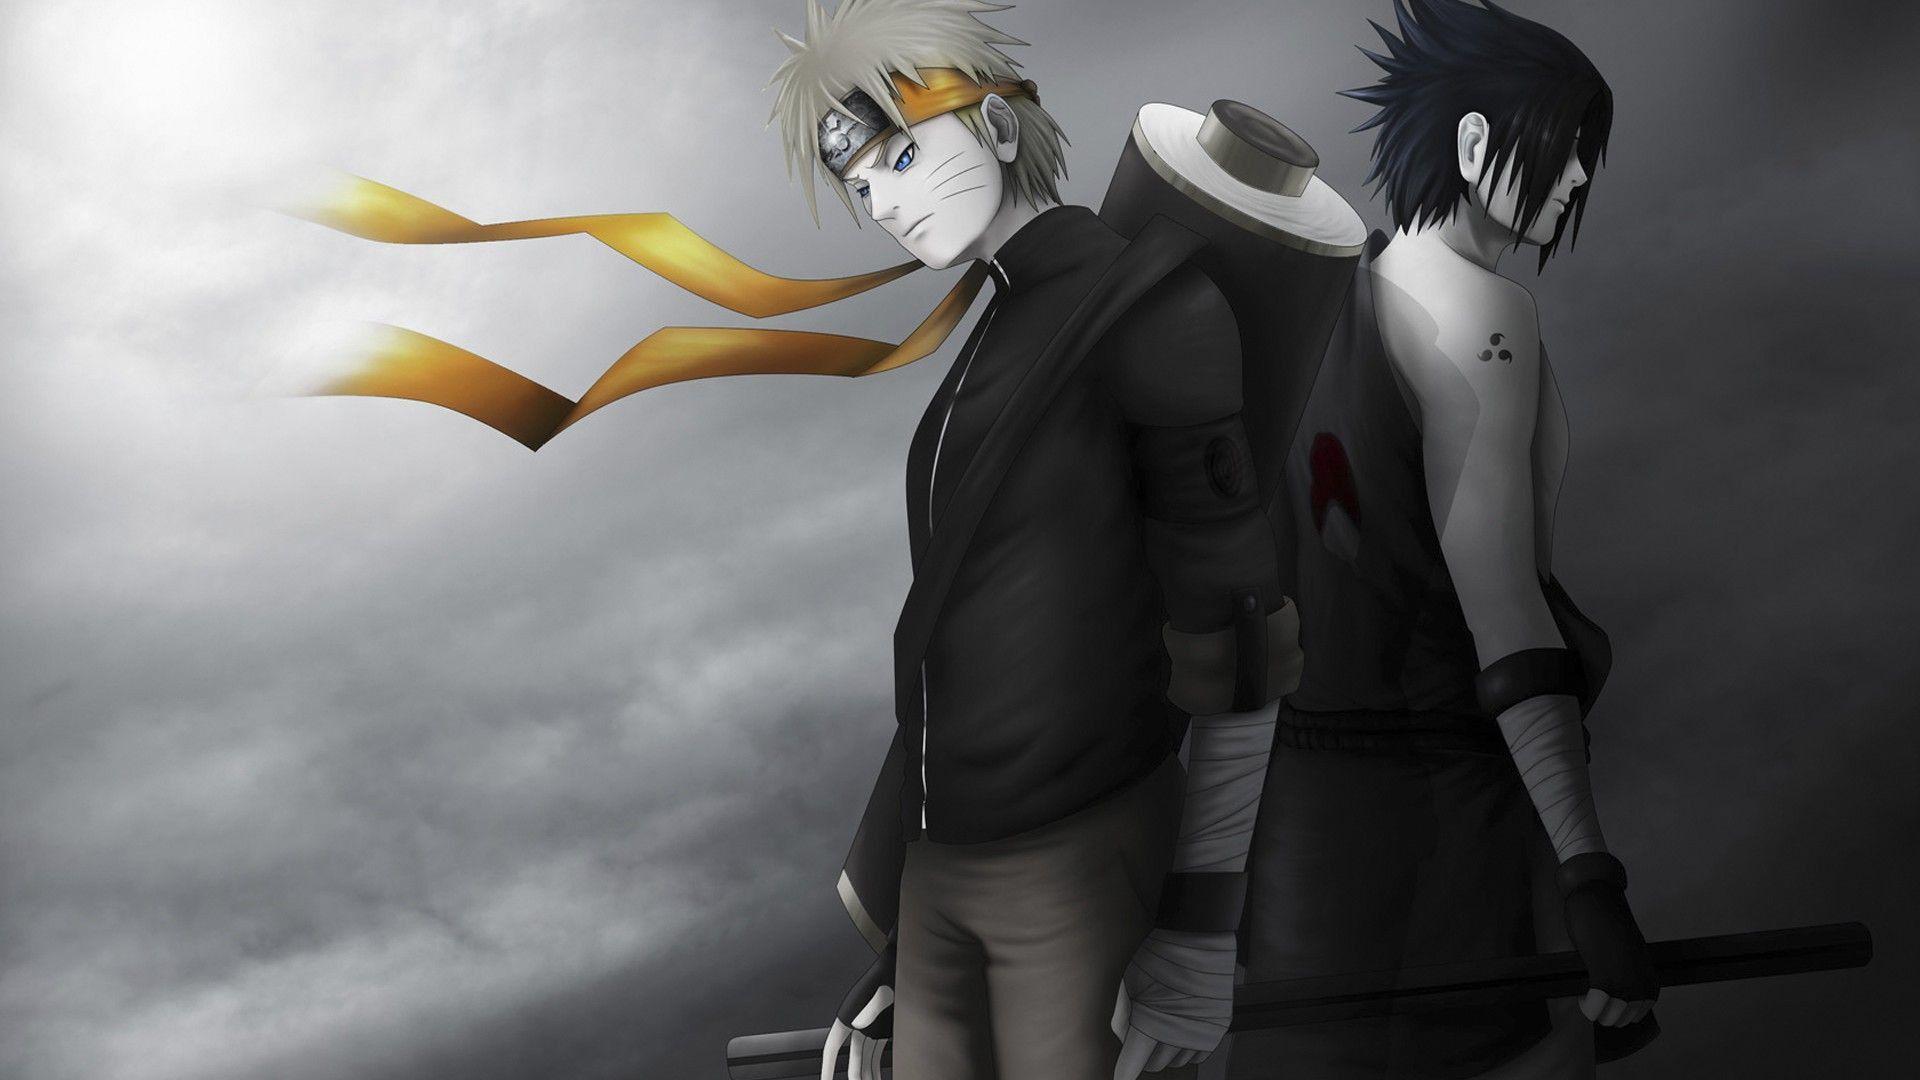 Naruto Shippuden Anime Wallpapers Naruto wallpaper